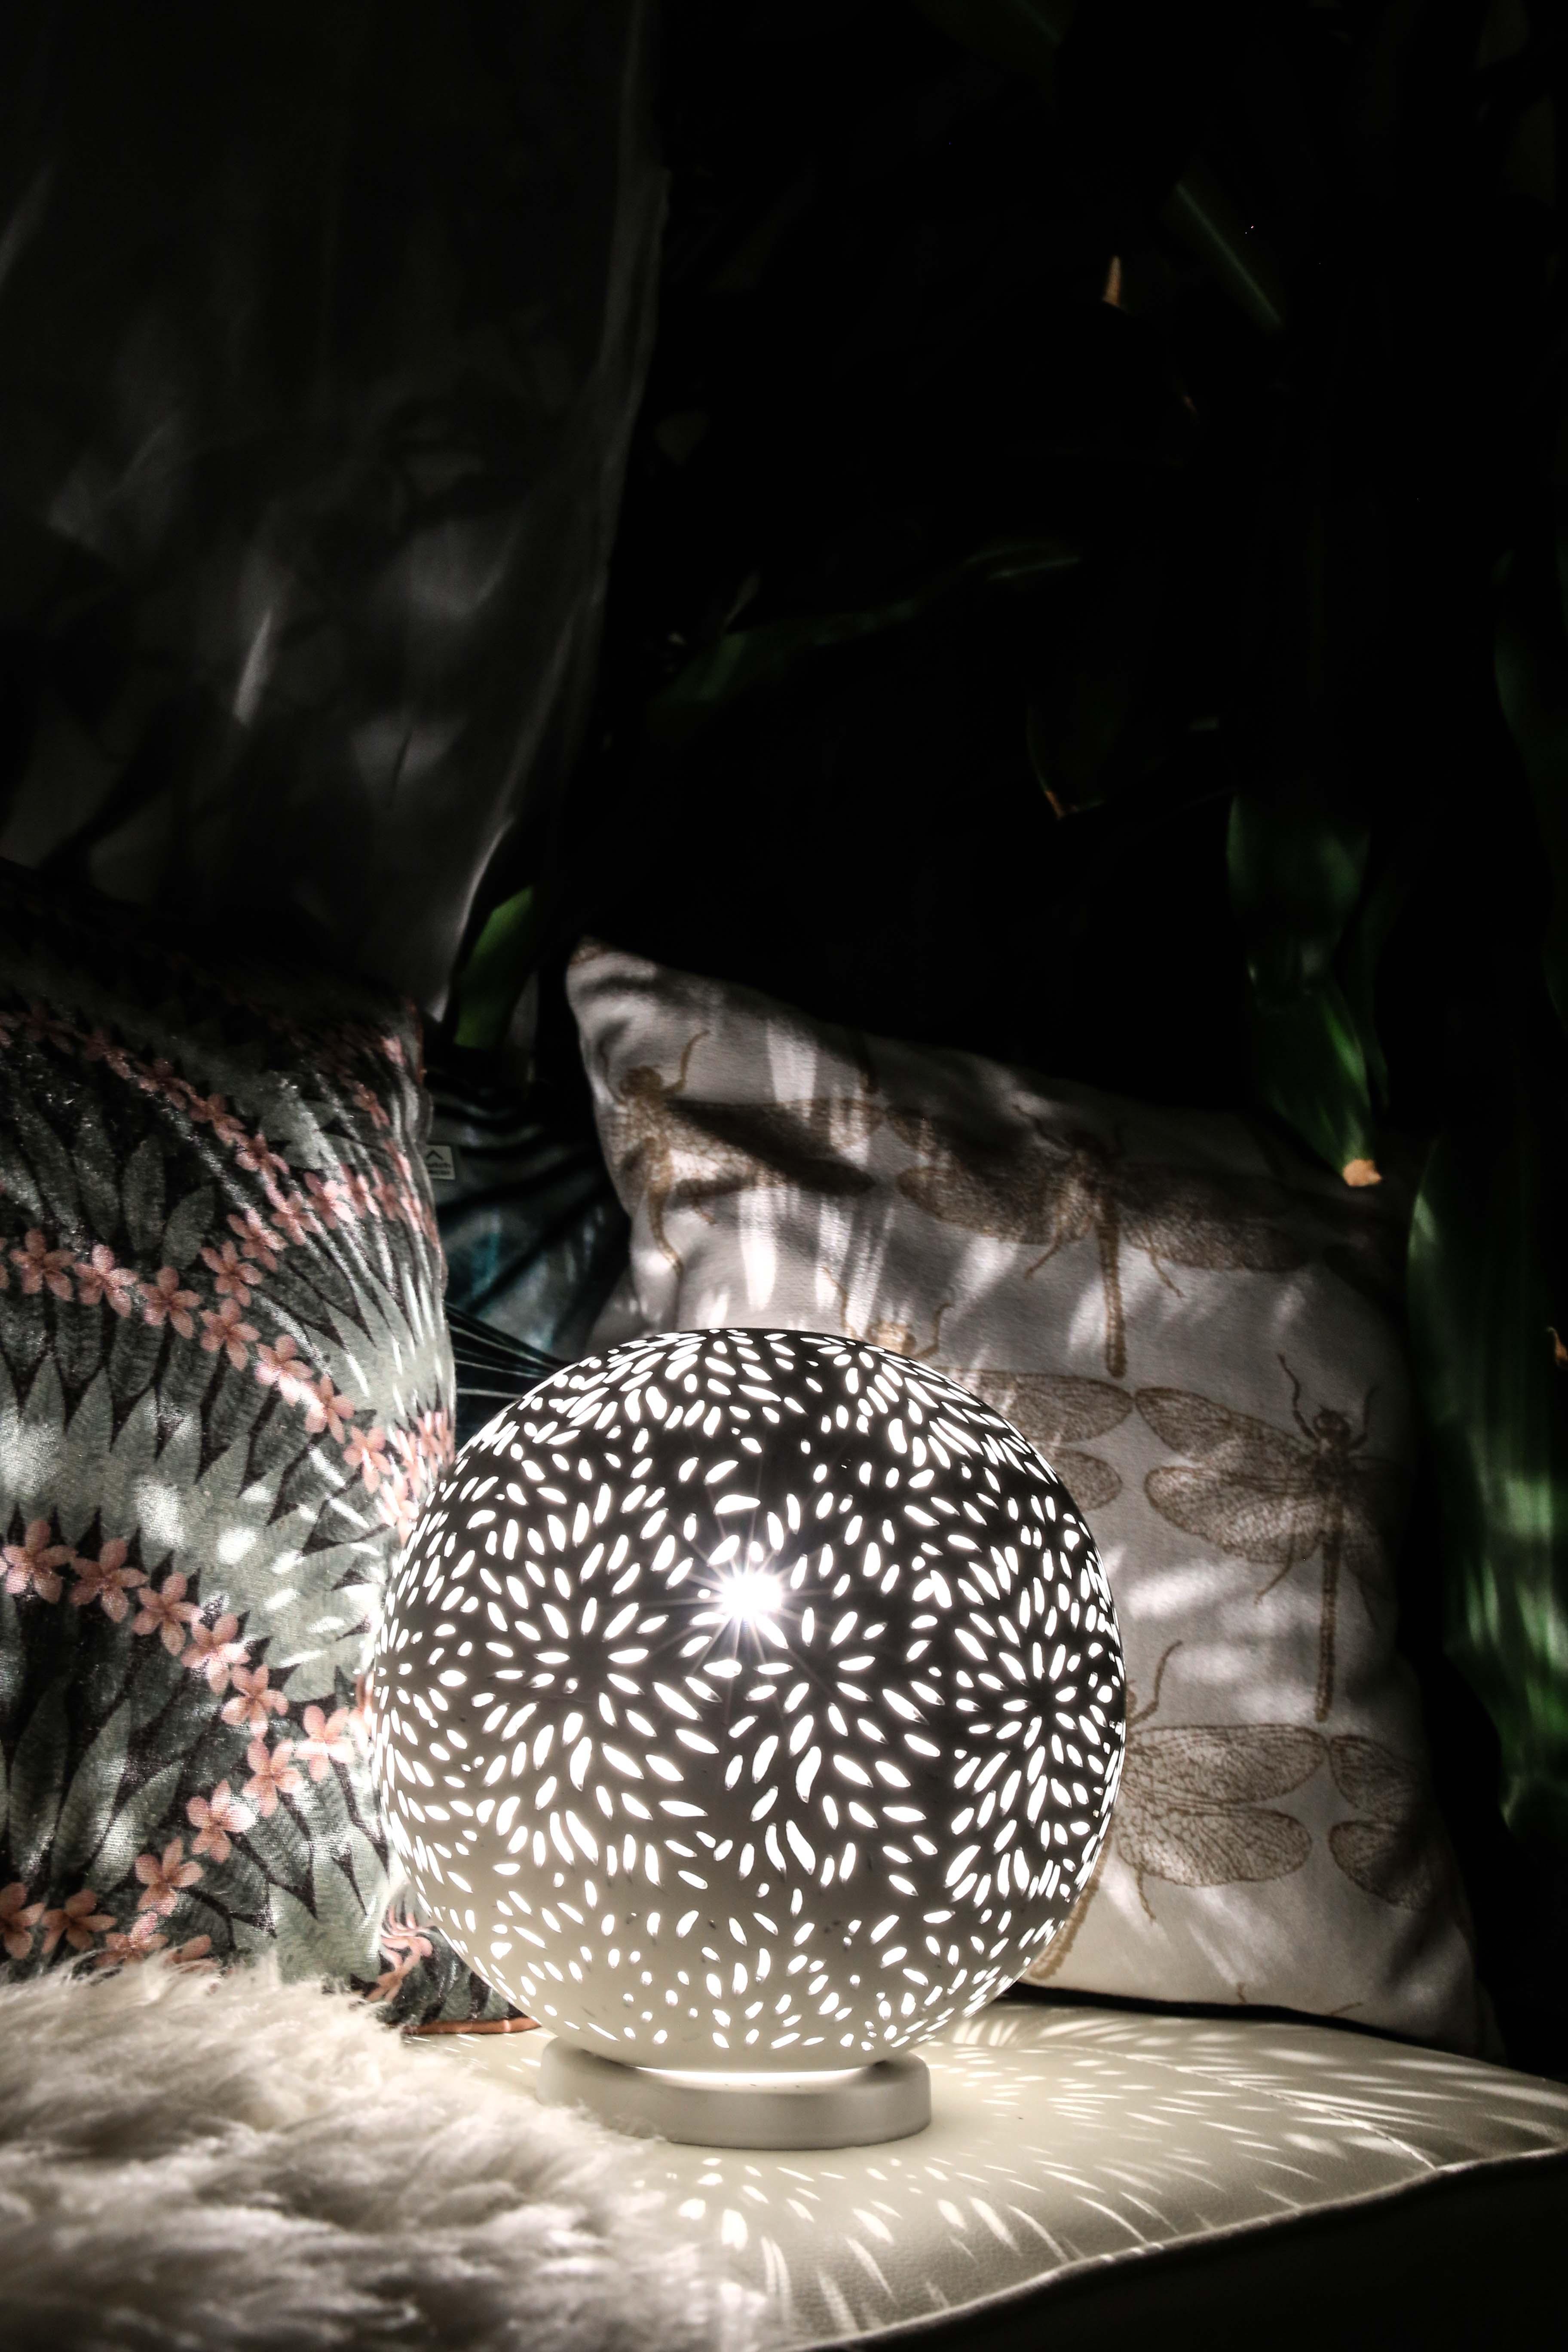 Beleuchtung-Kugelleuchte-Tausendundeine-Nacht-Wayfair-gemütlich-herbst